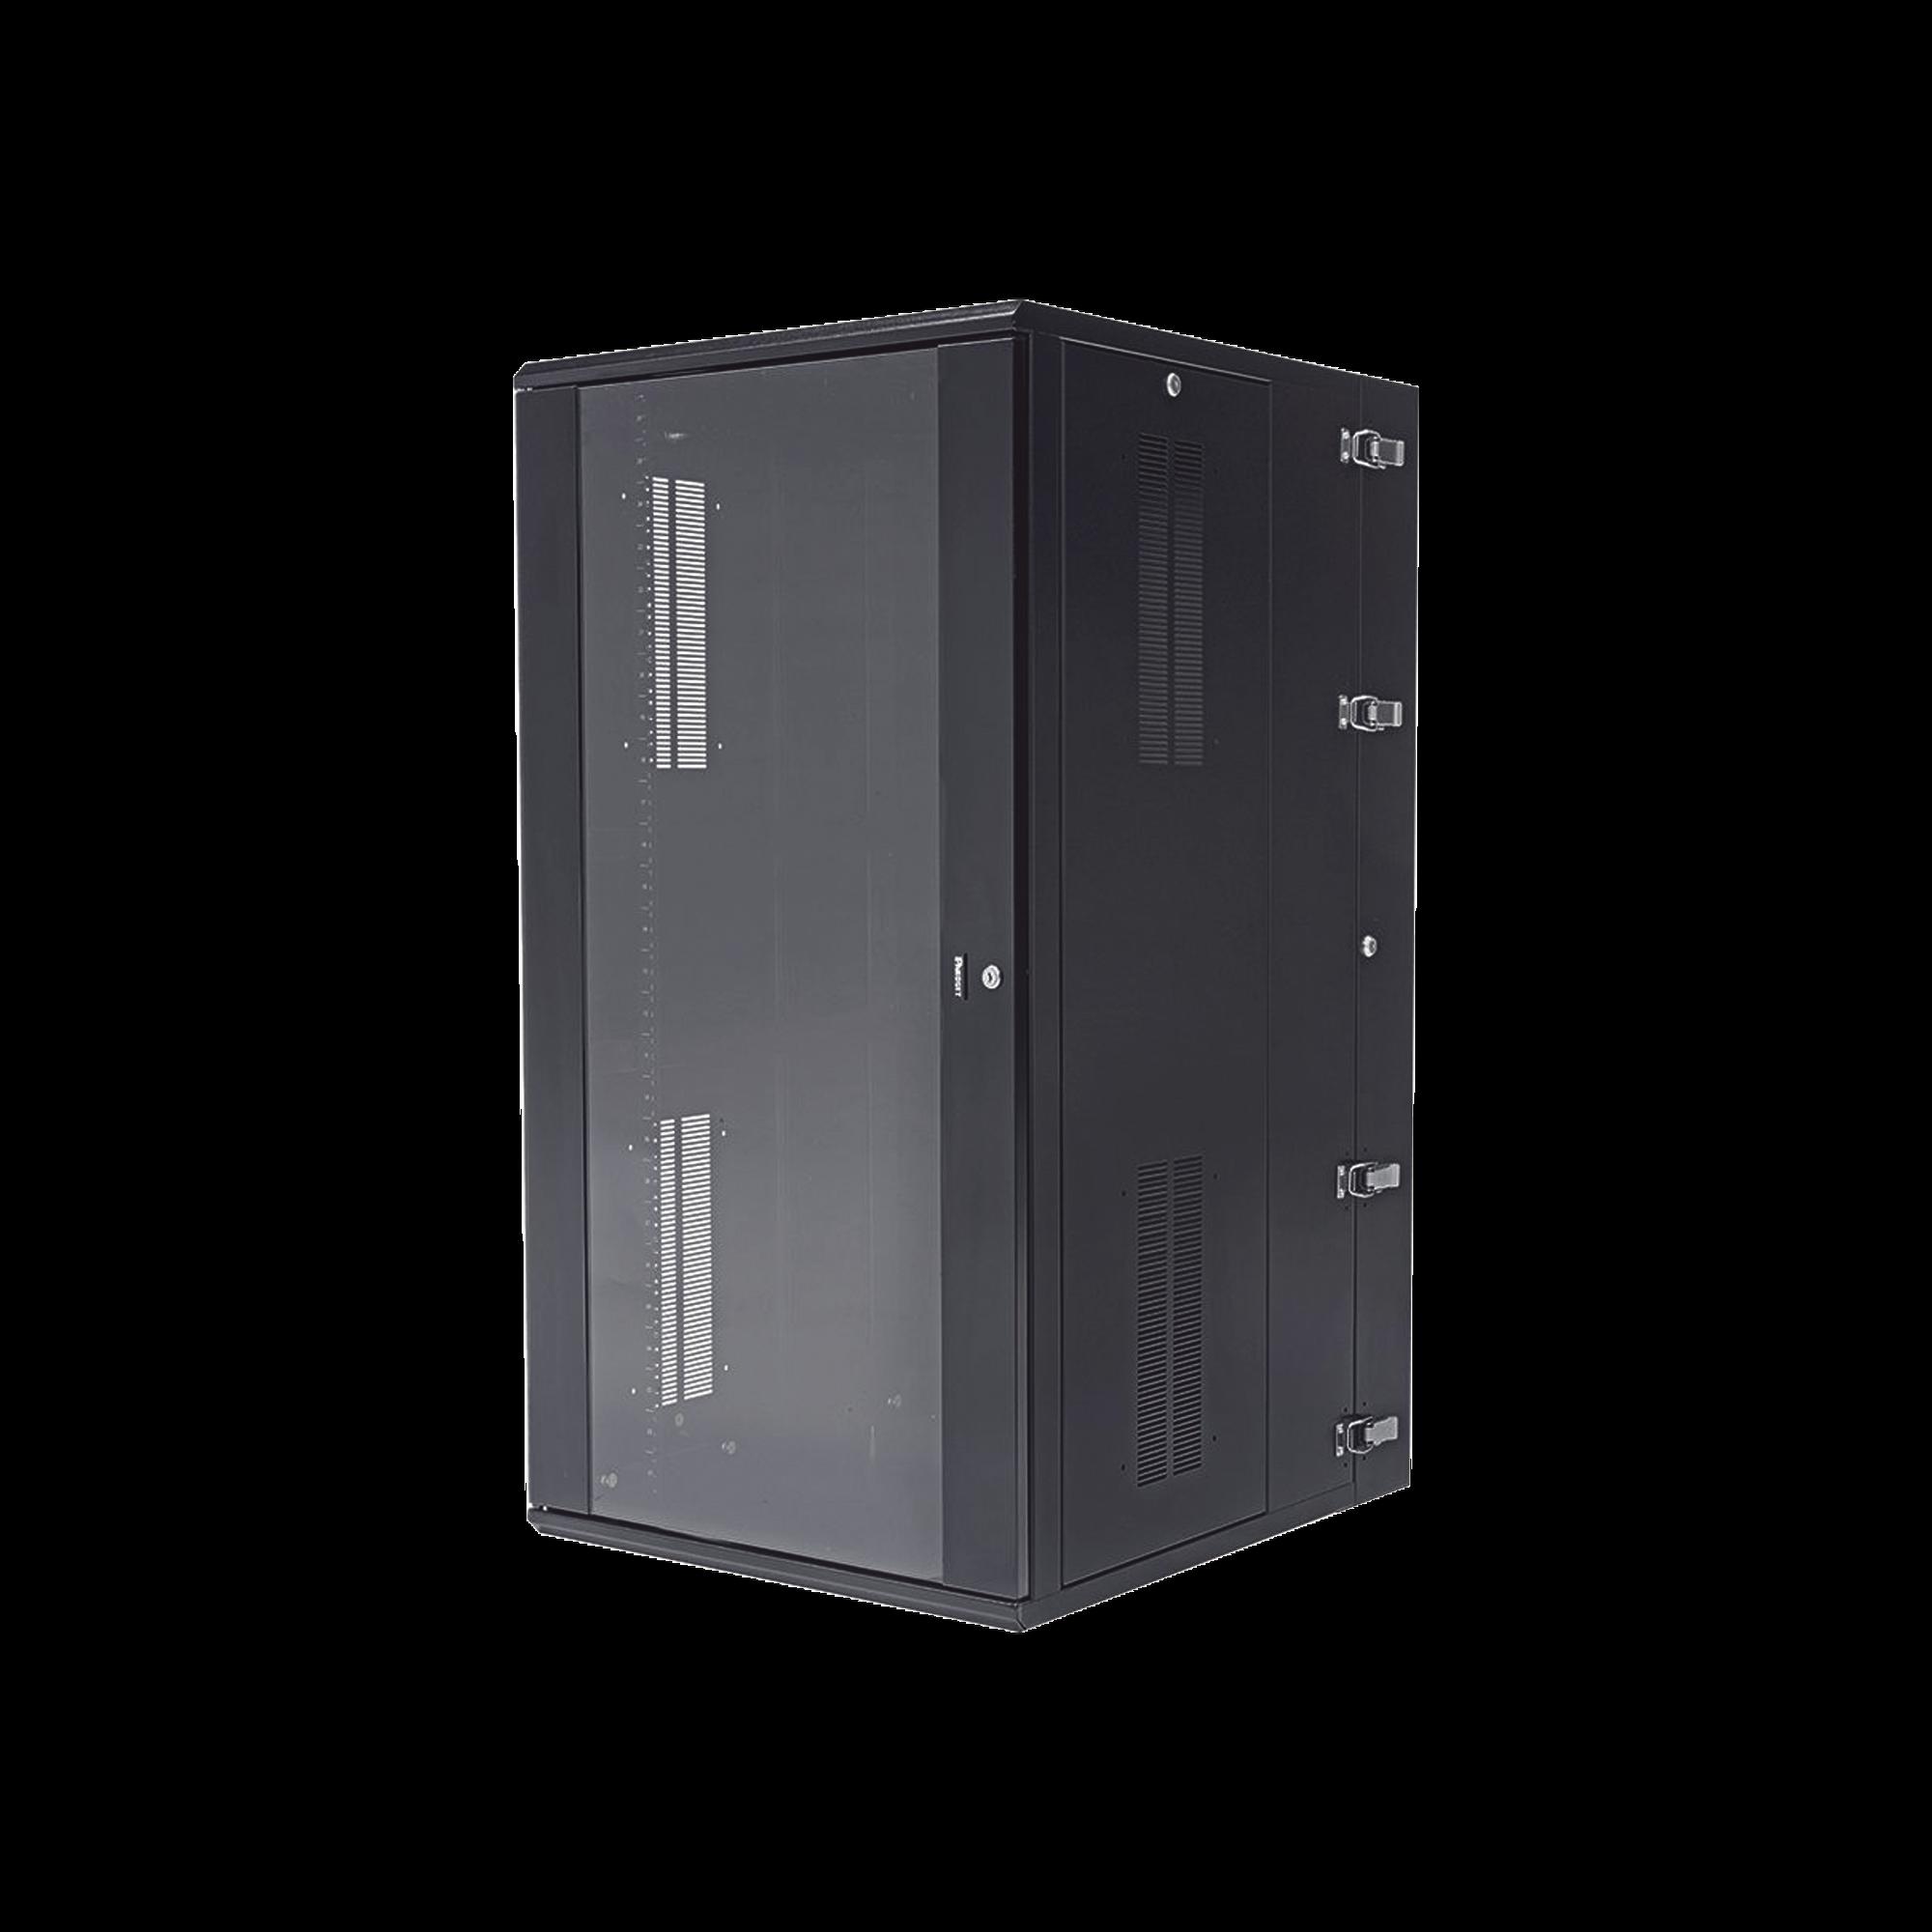 Gabinete PanZone de Montaje en Pared, de 19in, Puerta con Ventana de Seguridad, 26 UR, 762mm de Profundidad, Color Negro